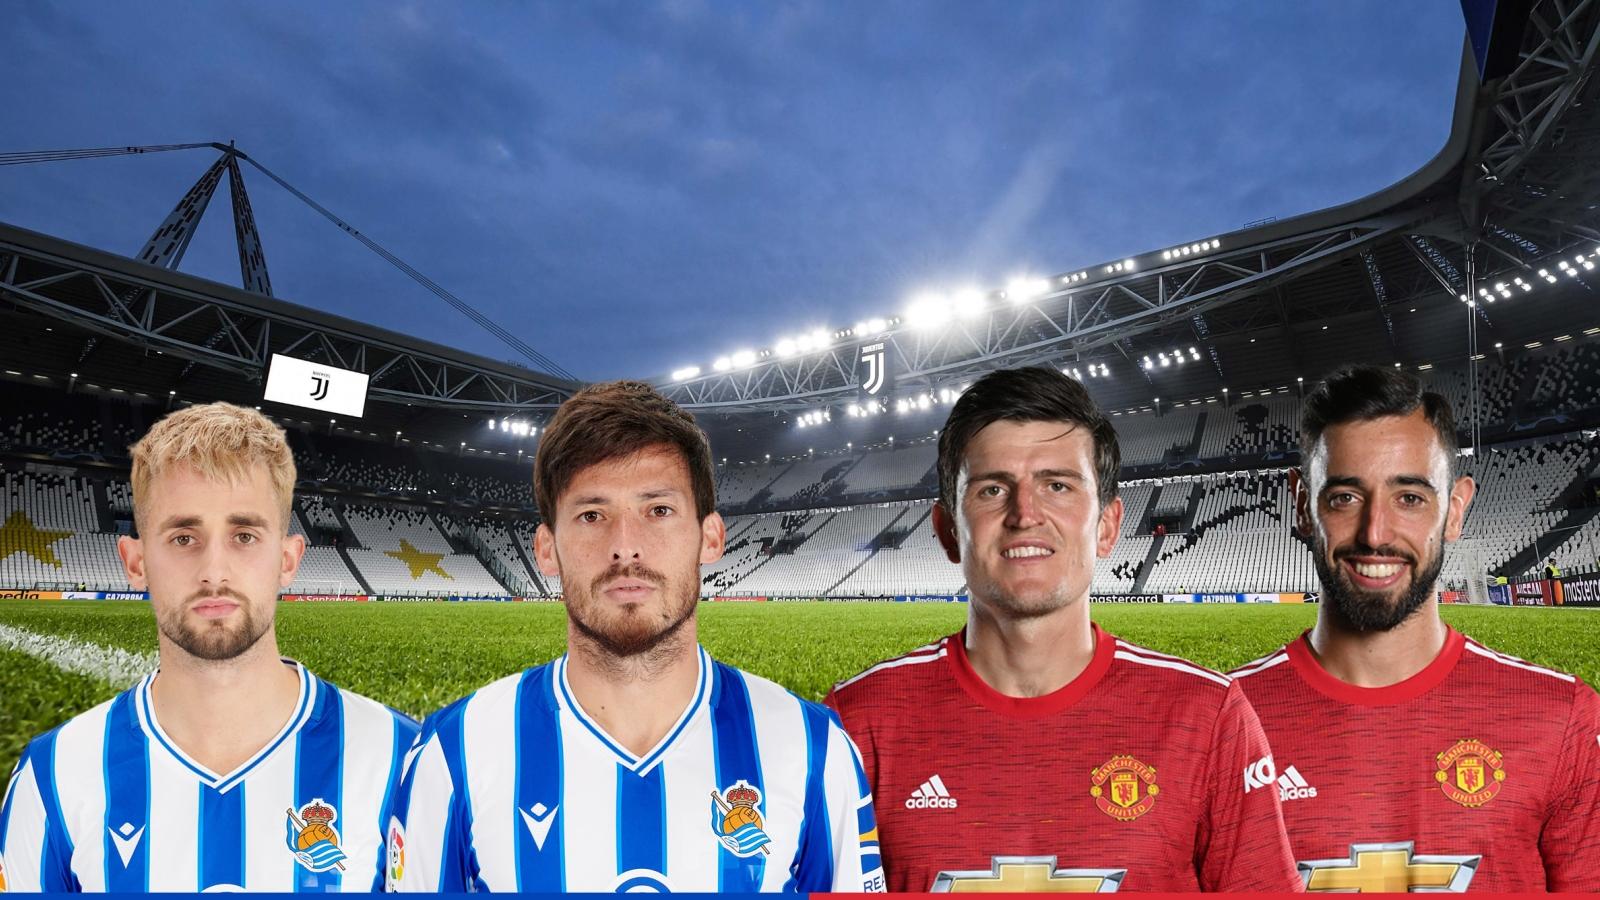 Dự đoán tỷ số, đội hình xuất phát trận Sociedad - MU